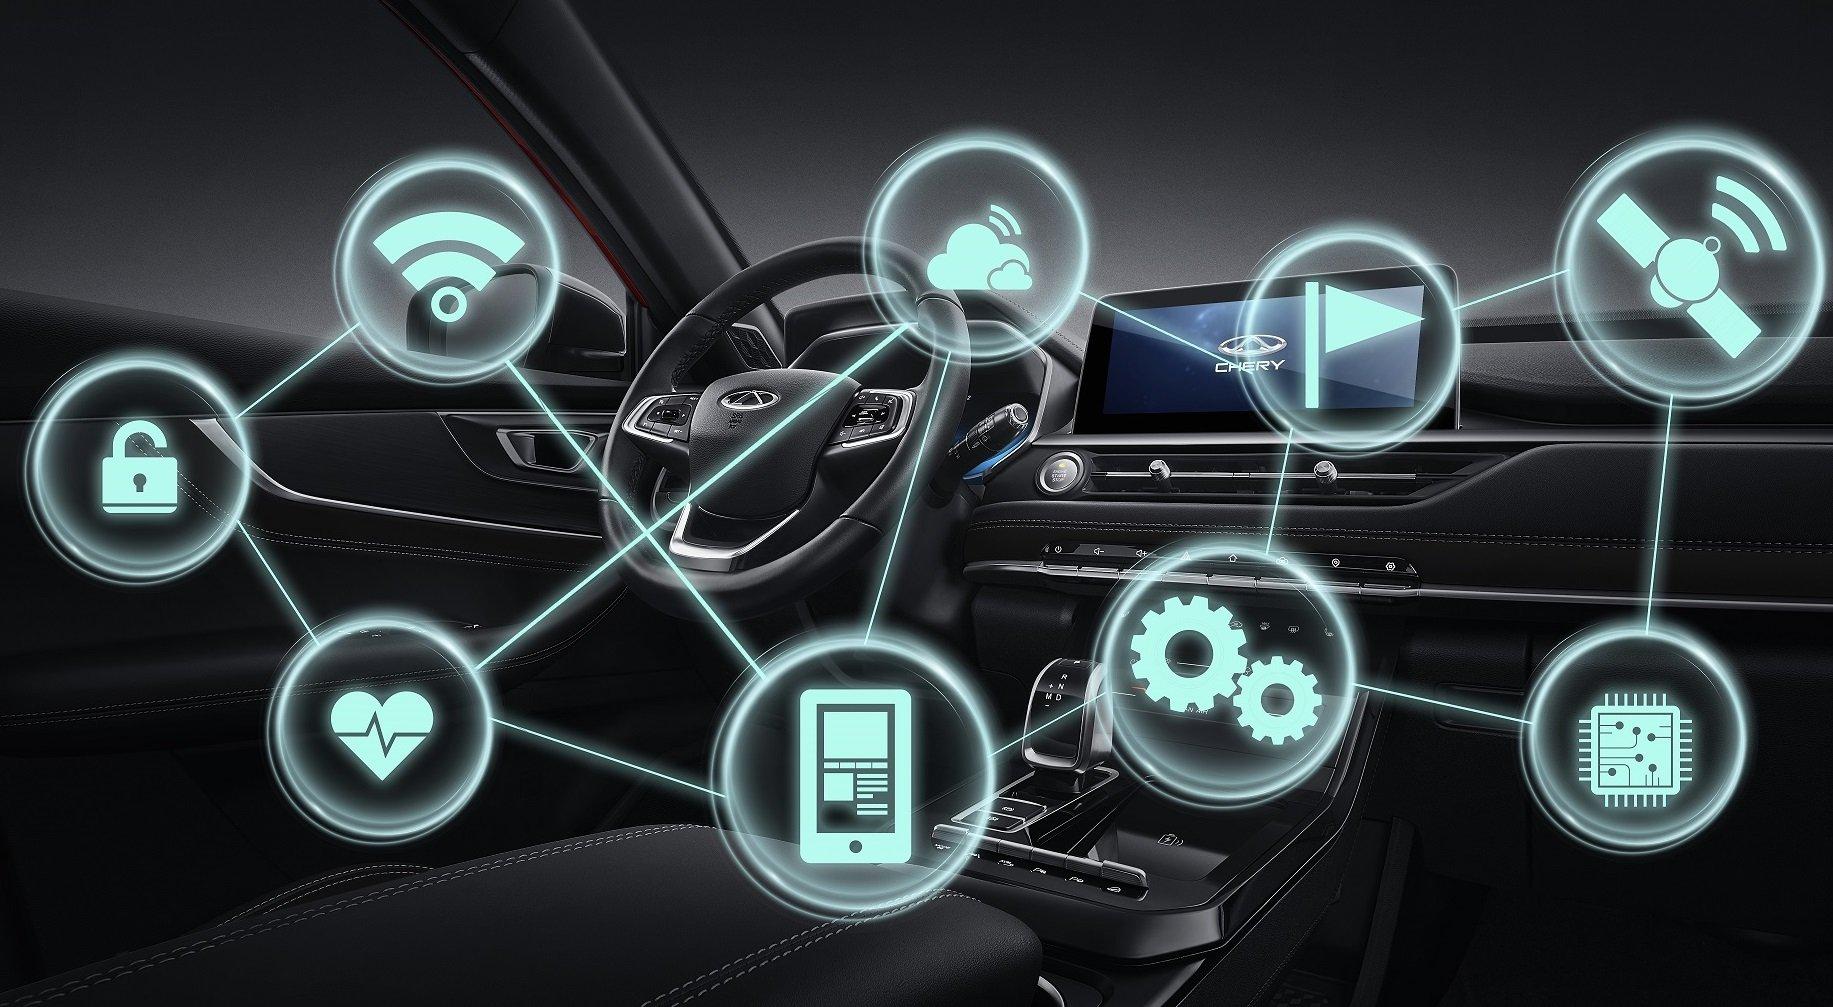 همکاری هواوی و چری برای توسعه فناوری خودروهای هوشمند